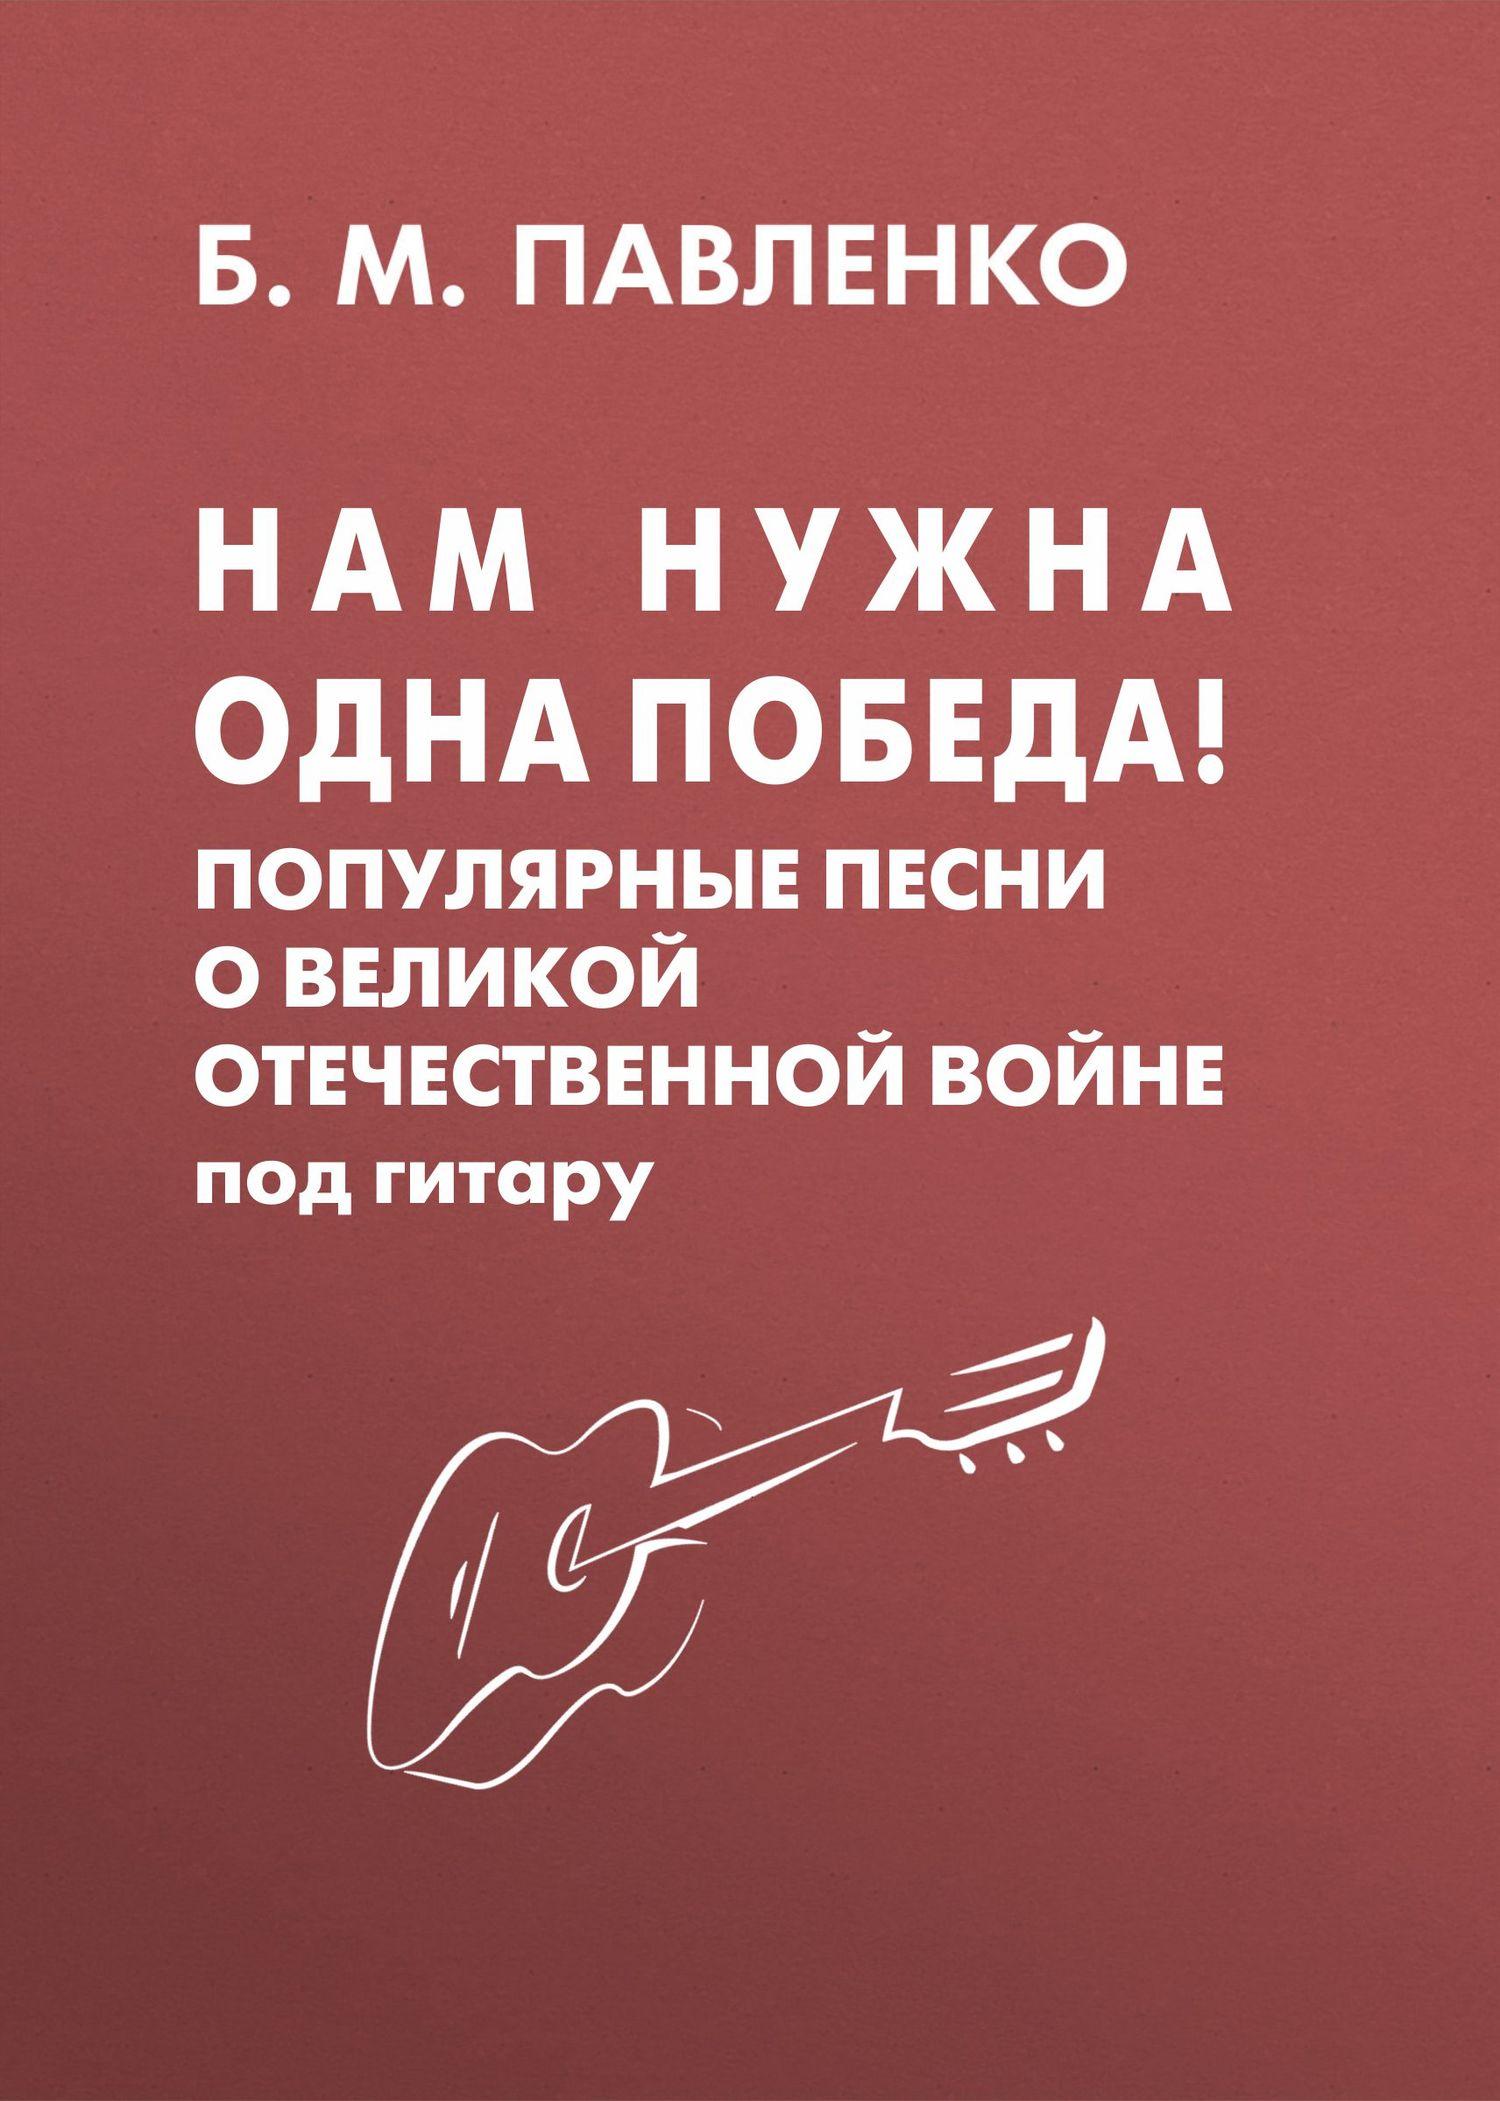 Б. М. Павленко Нам нужна одна Победа! Популярные песни о Великой Отечественной войне под гитару популярные песни из кинофильмов под гитару